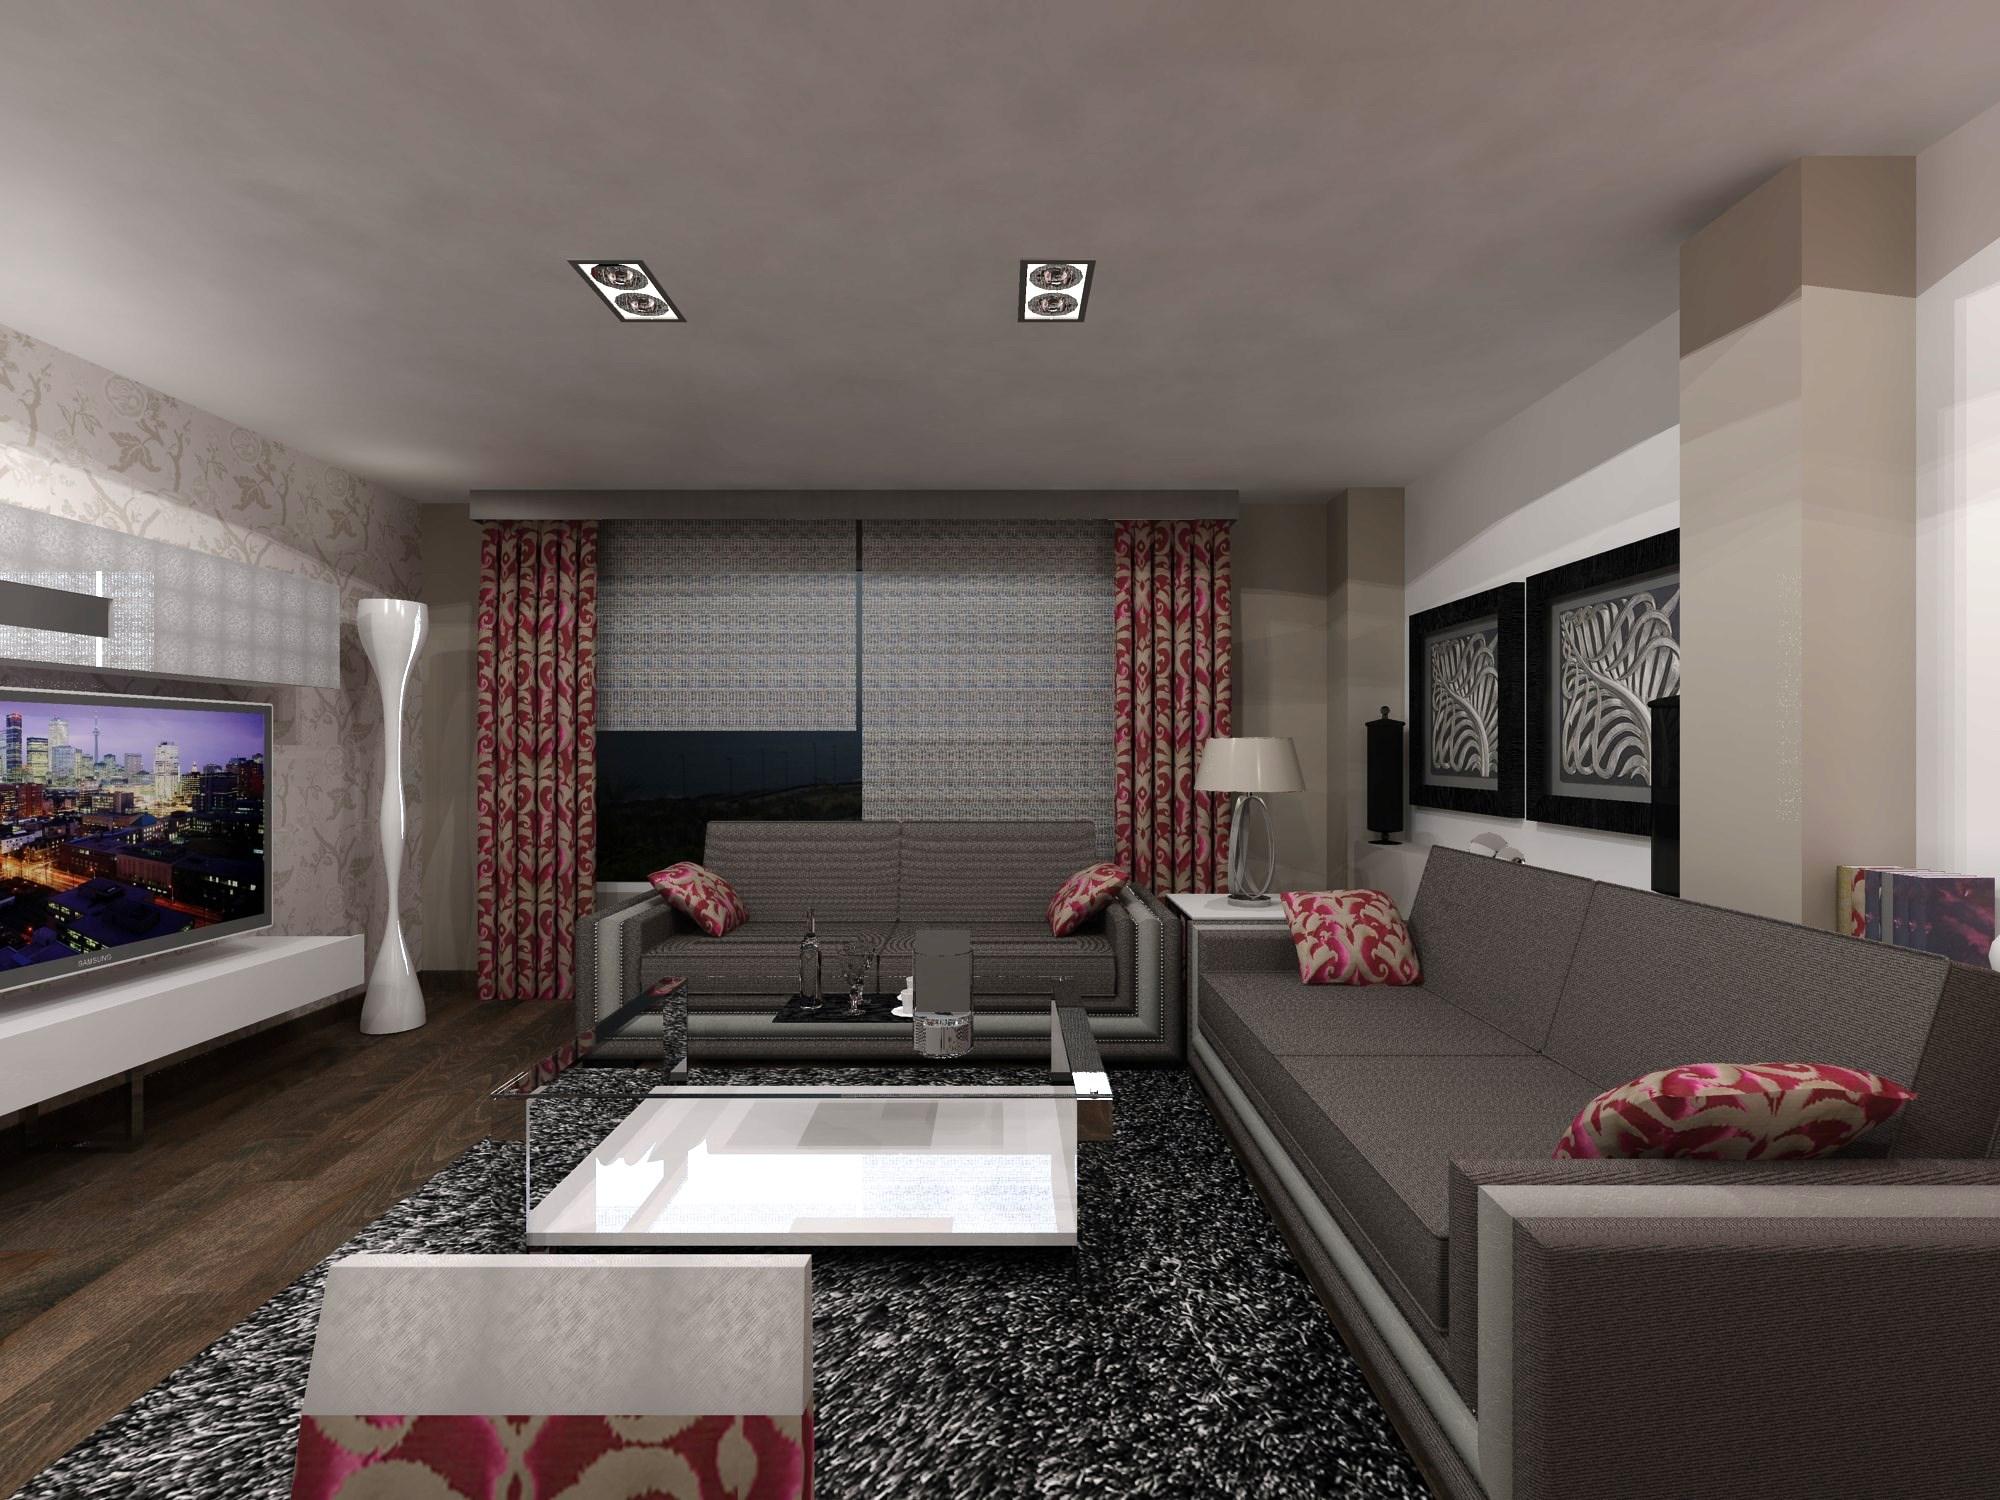 301 moved permanently - Decoracion de cortinas de salon ...